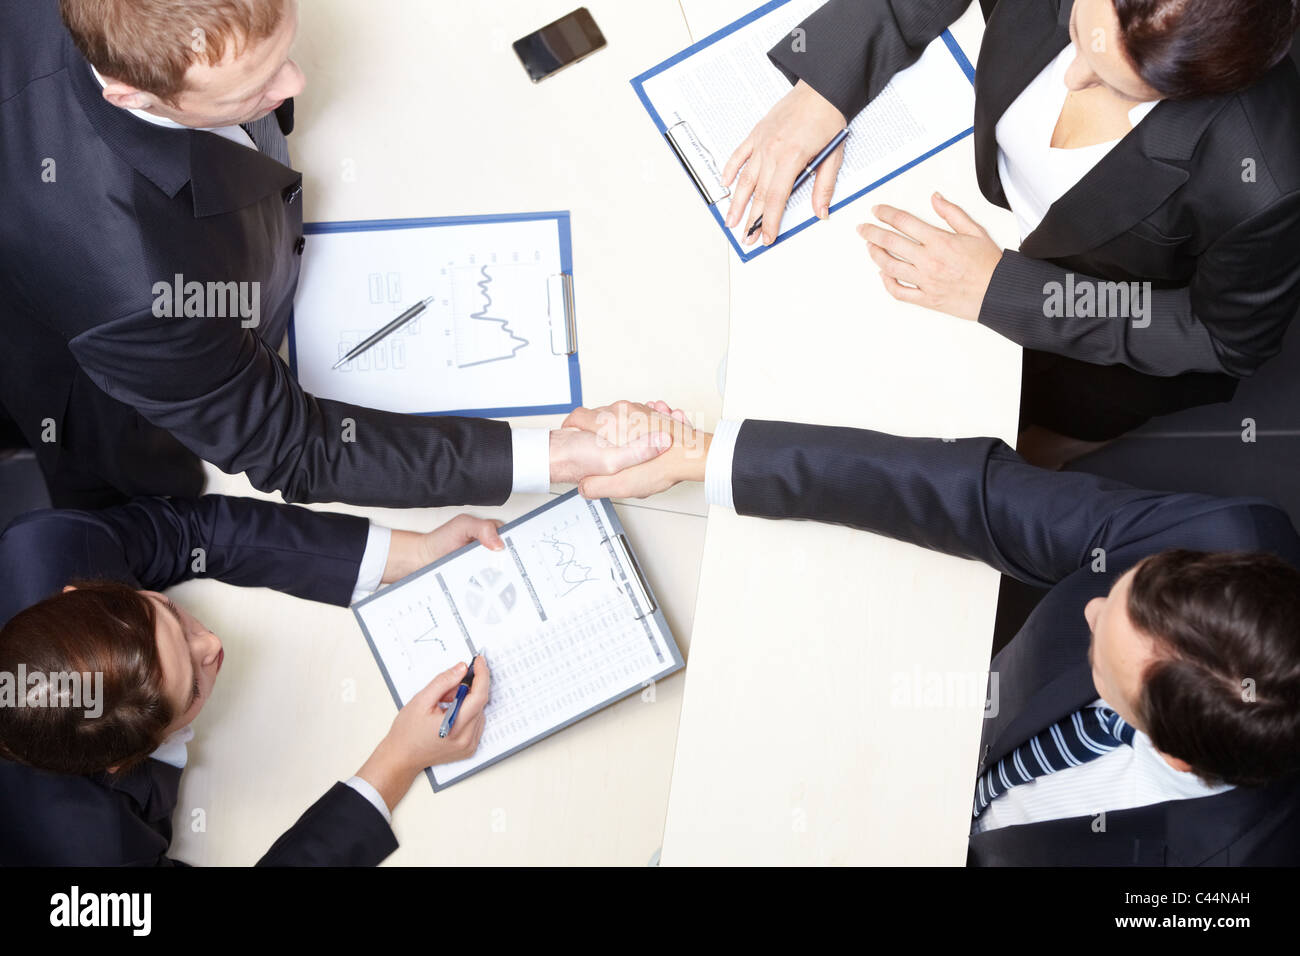 Vista anterior de socios de negocios handshaking tras firmar contrato Imagen De Stock